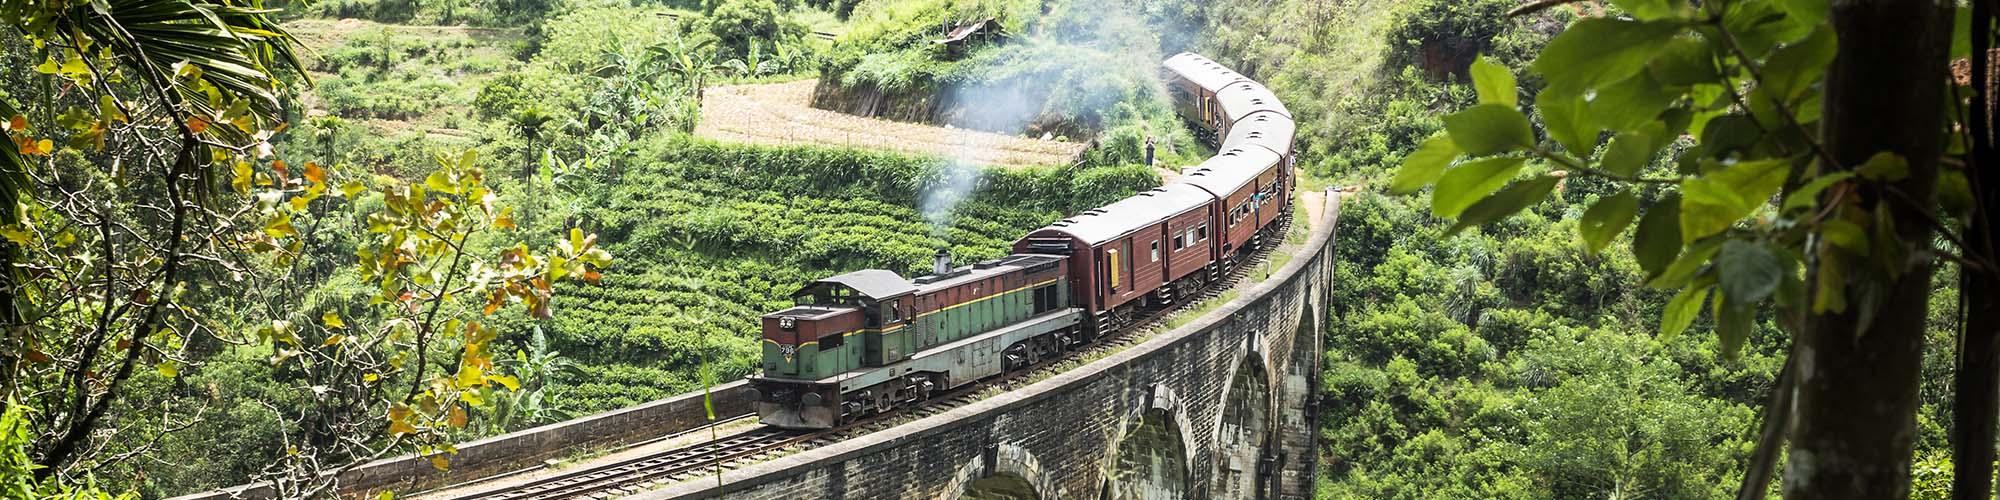 Transportation in Sri Lanka travel